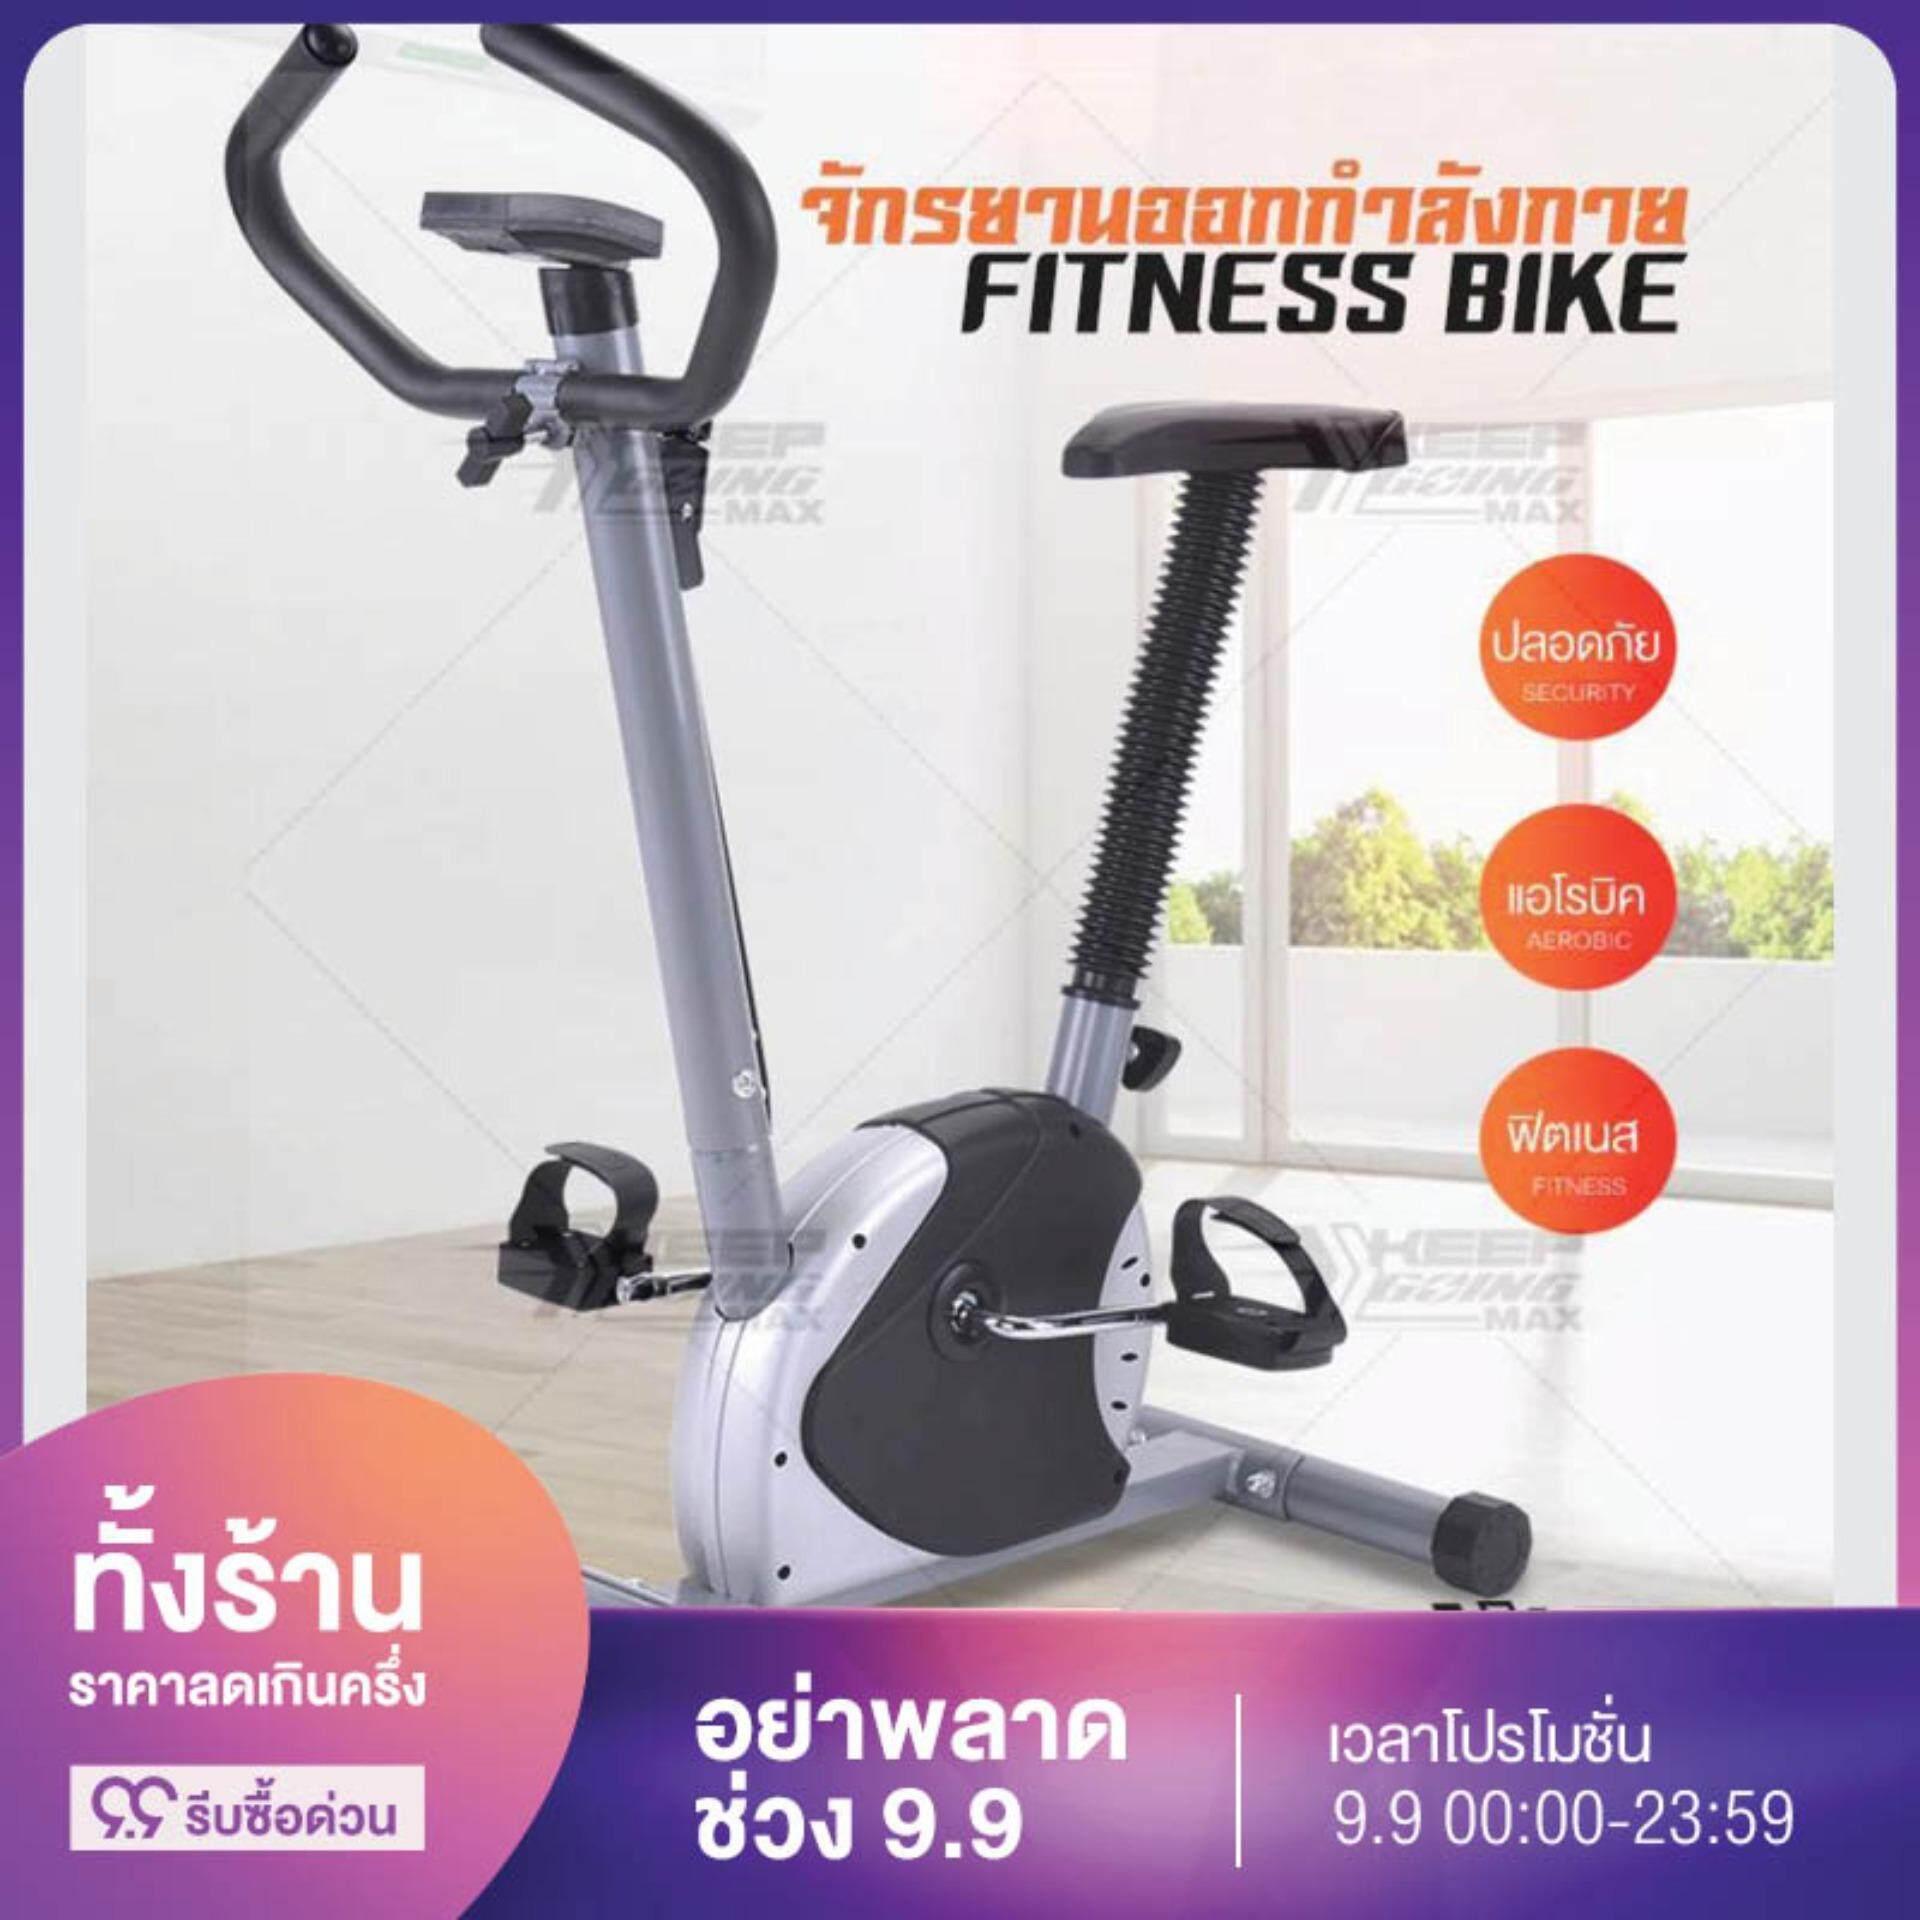 แบบไหนดี keepgoing จักรยานออกกำลังกาย Exercise Bike จักรยานบริหาร Fitness จักรยานปั่นในบ้าน SP46